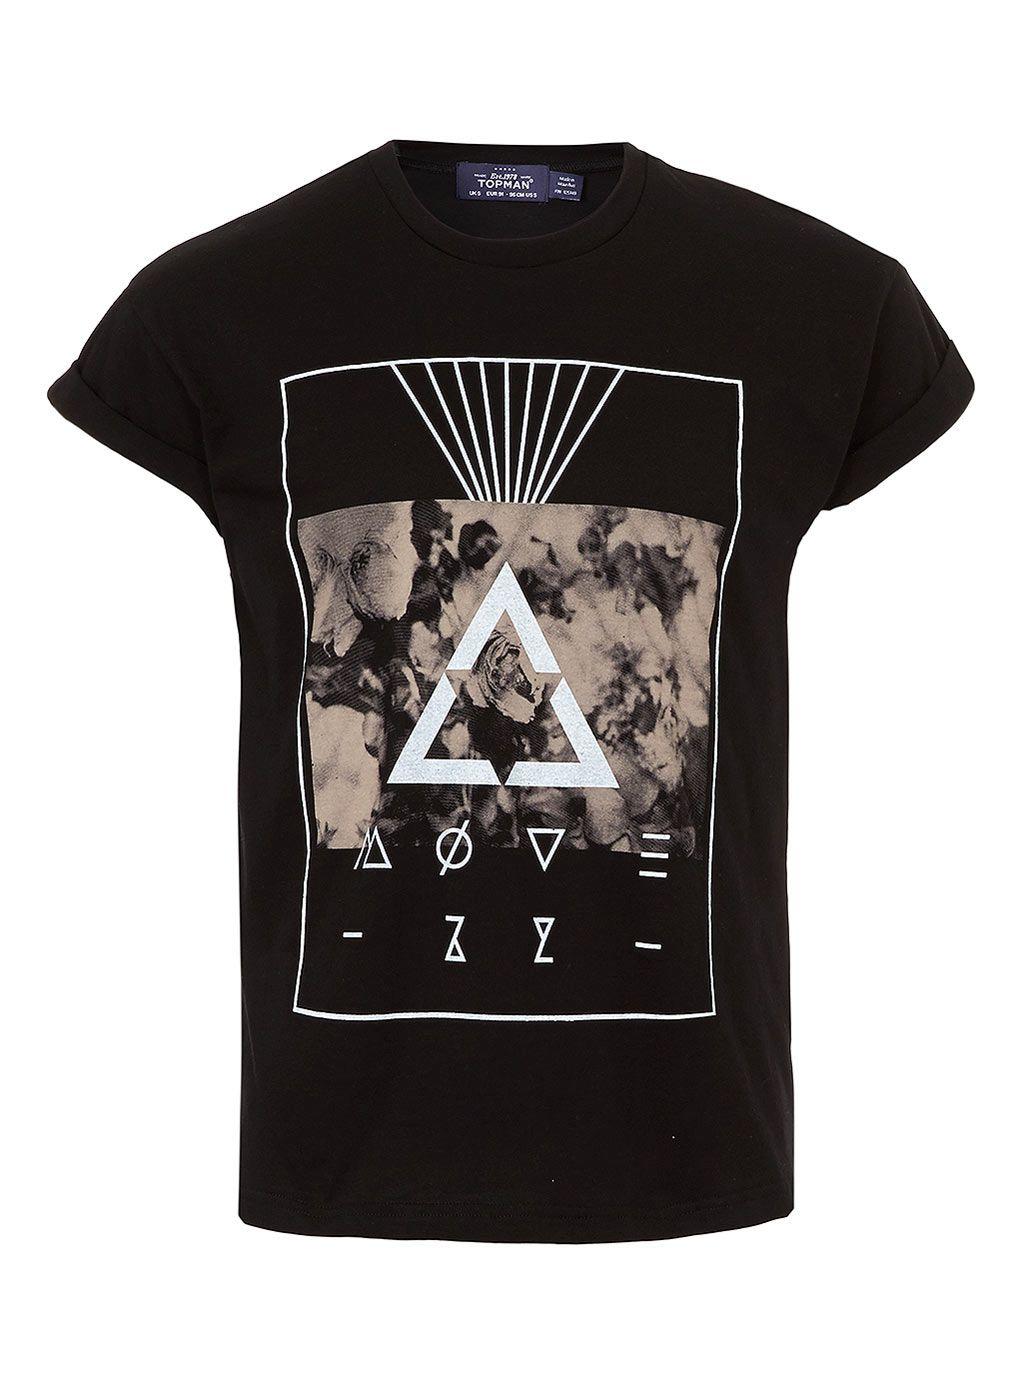 BLACK SMOKE PRINT HIGH ROLL T-SHIRT - Mens T-shirts & Tank Tops